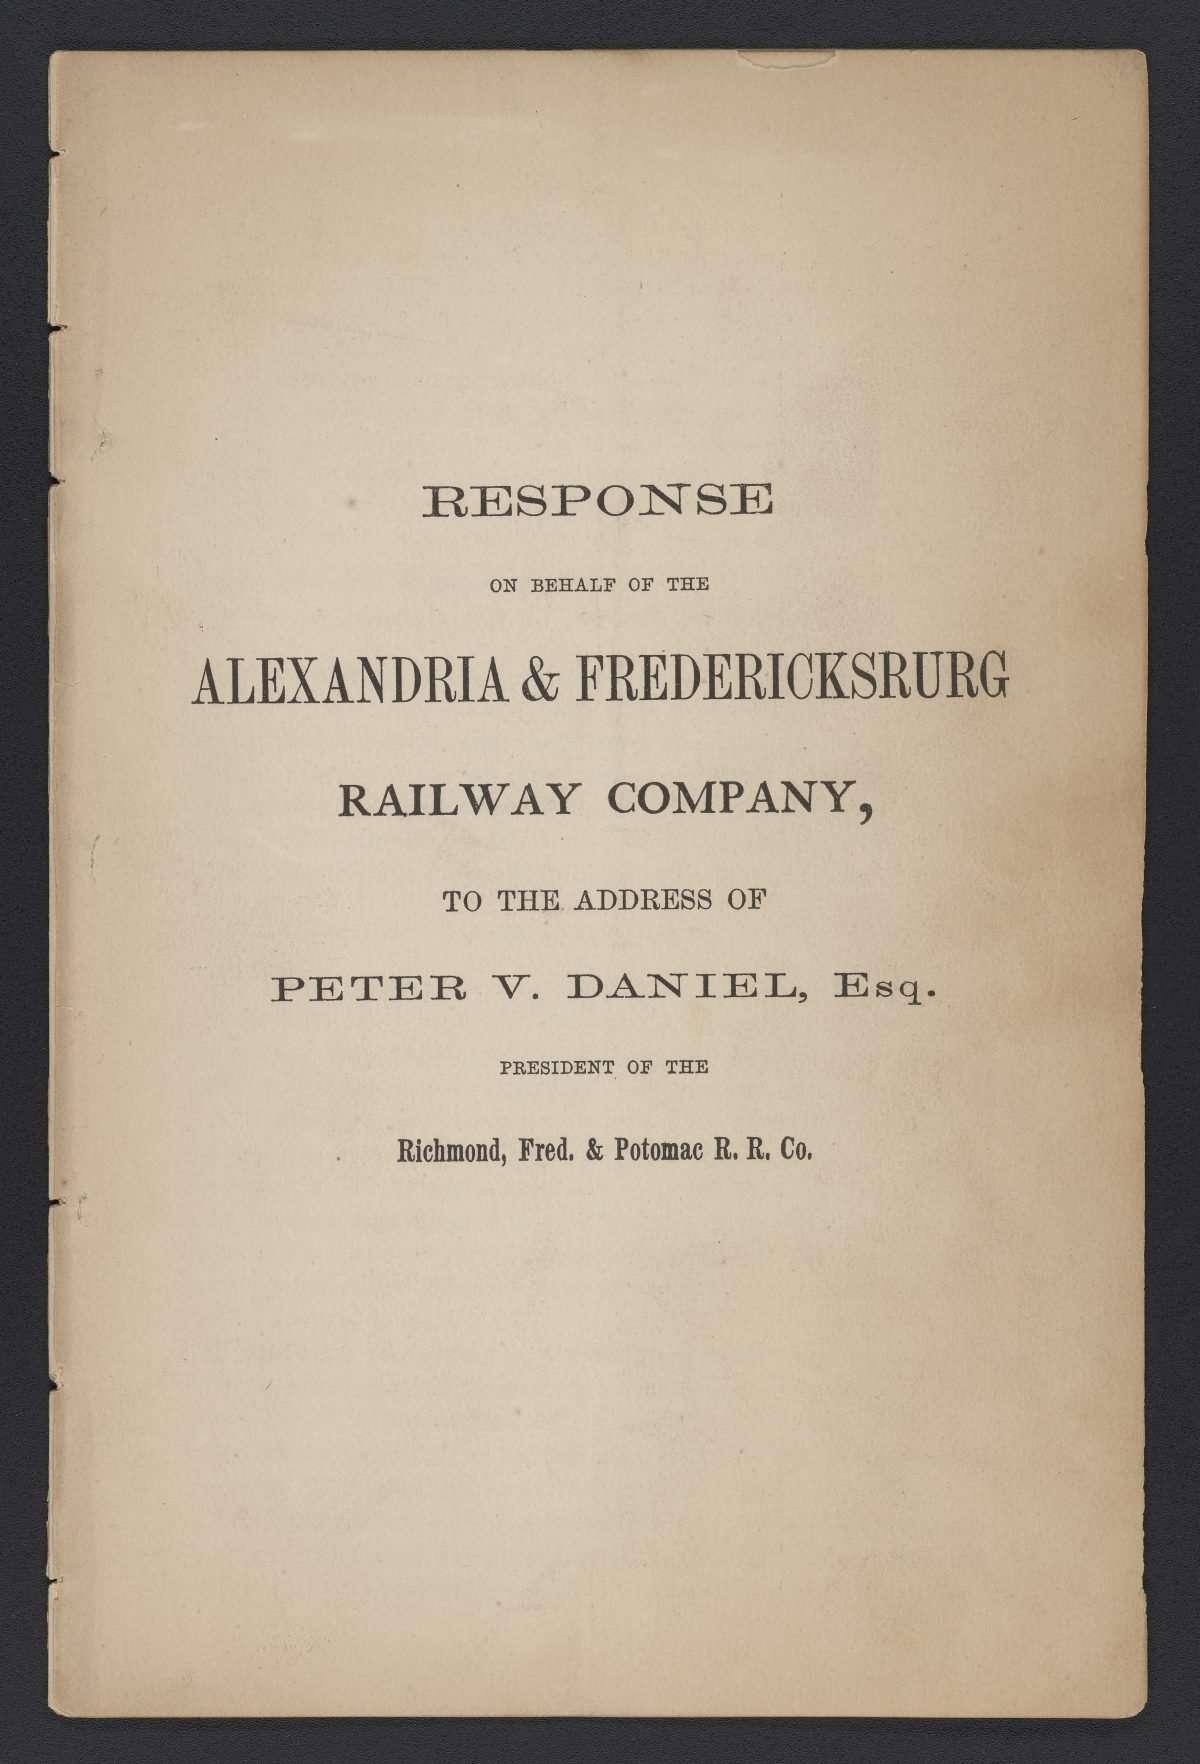 Attack on Peter V. Daniel's Railroad